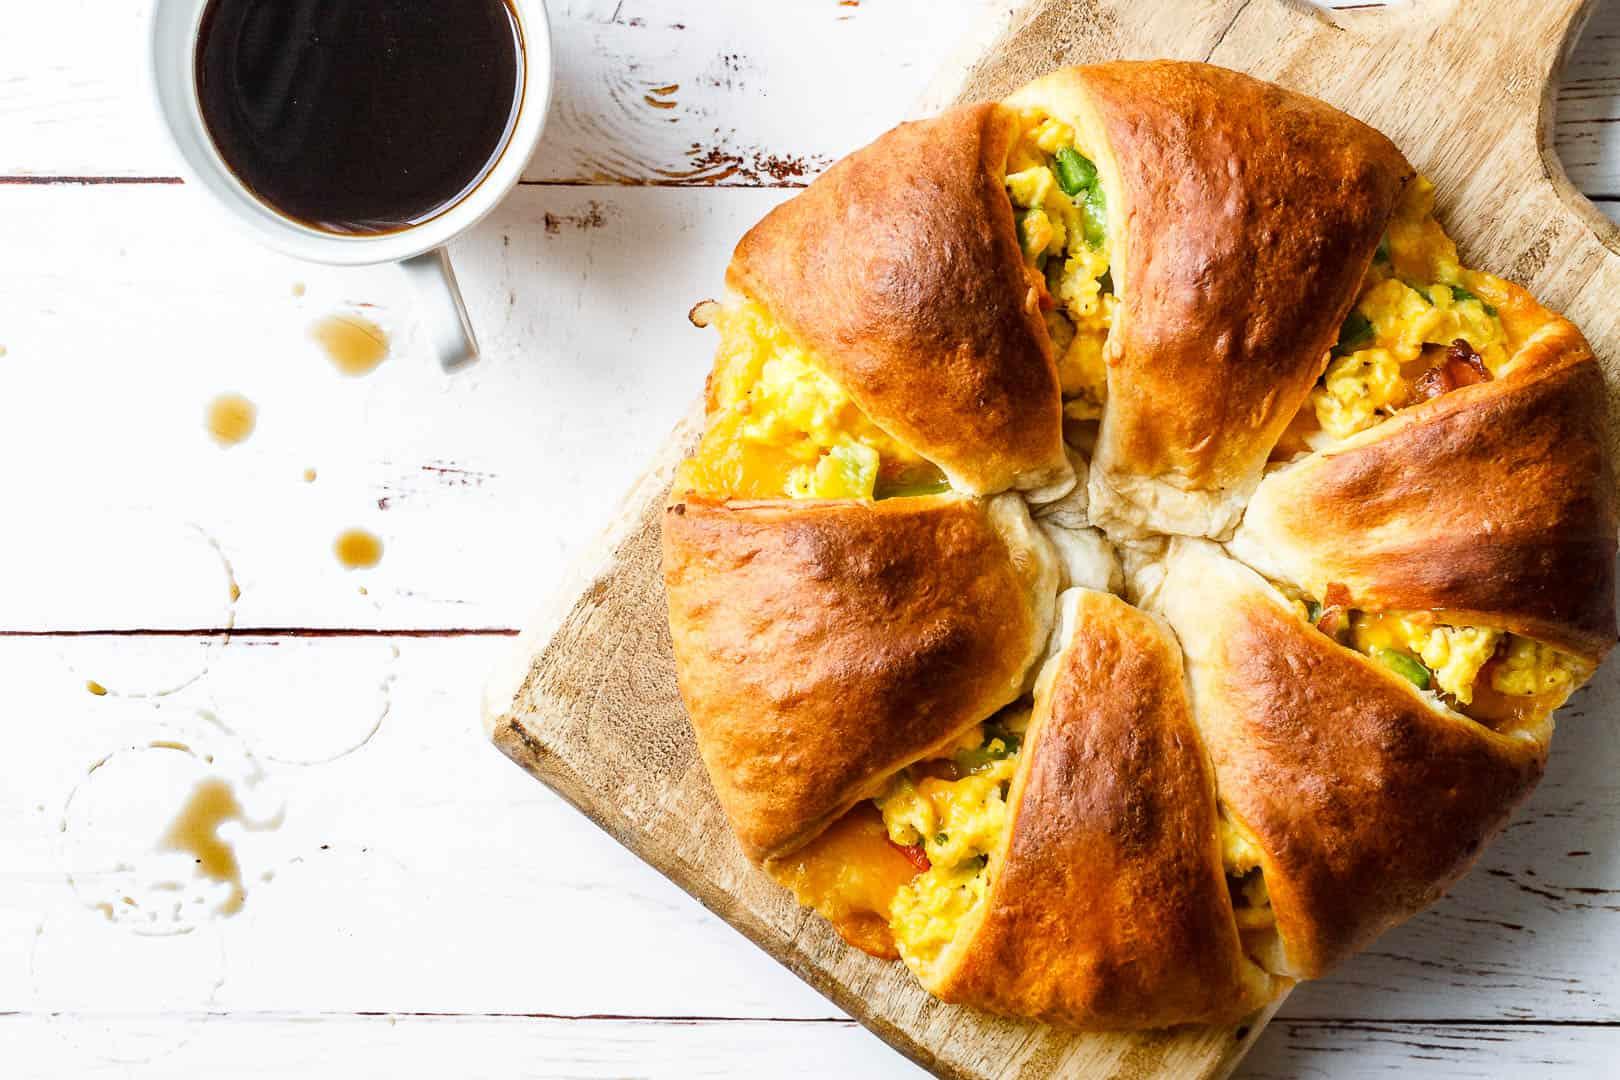 brunch og morgenmad - opskrift med æg og bacon